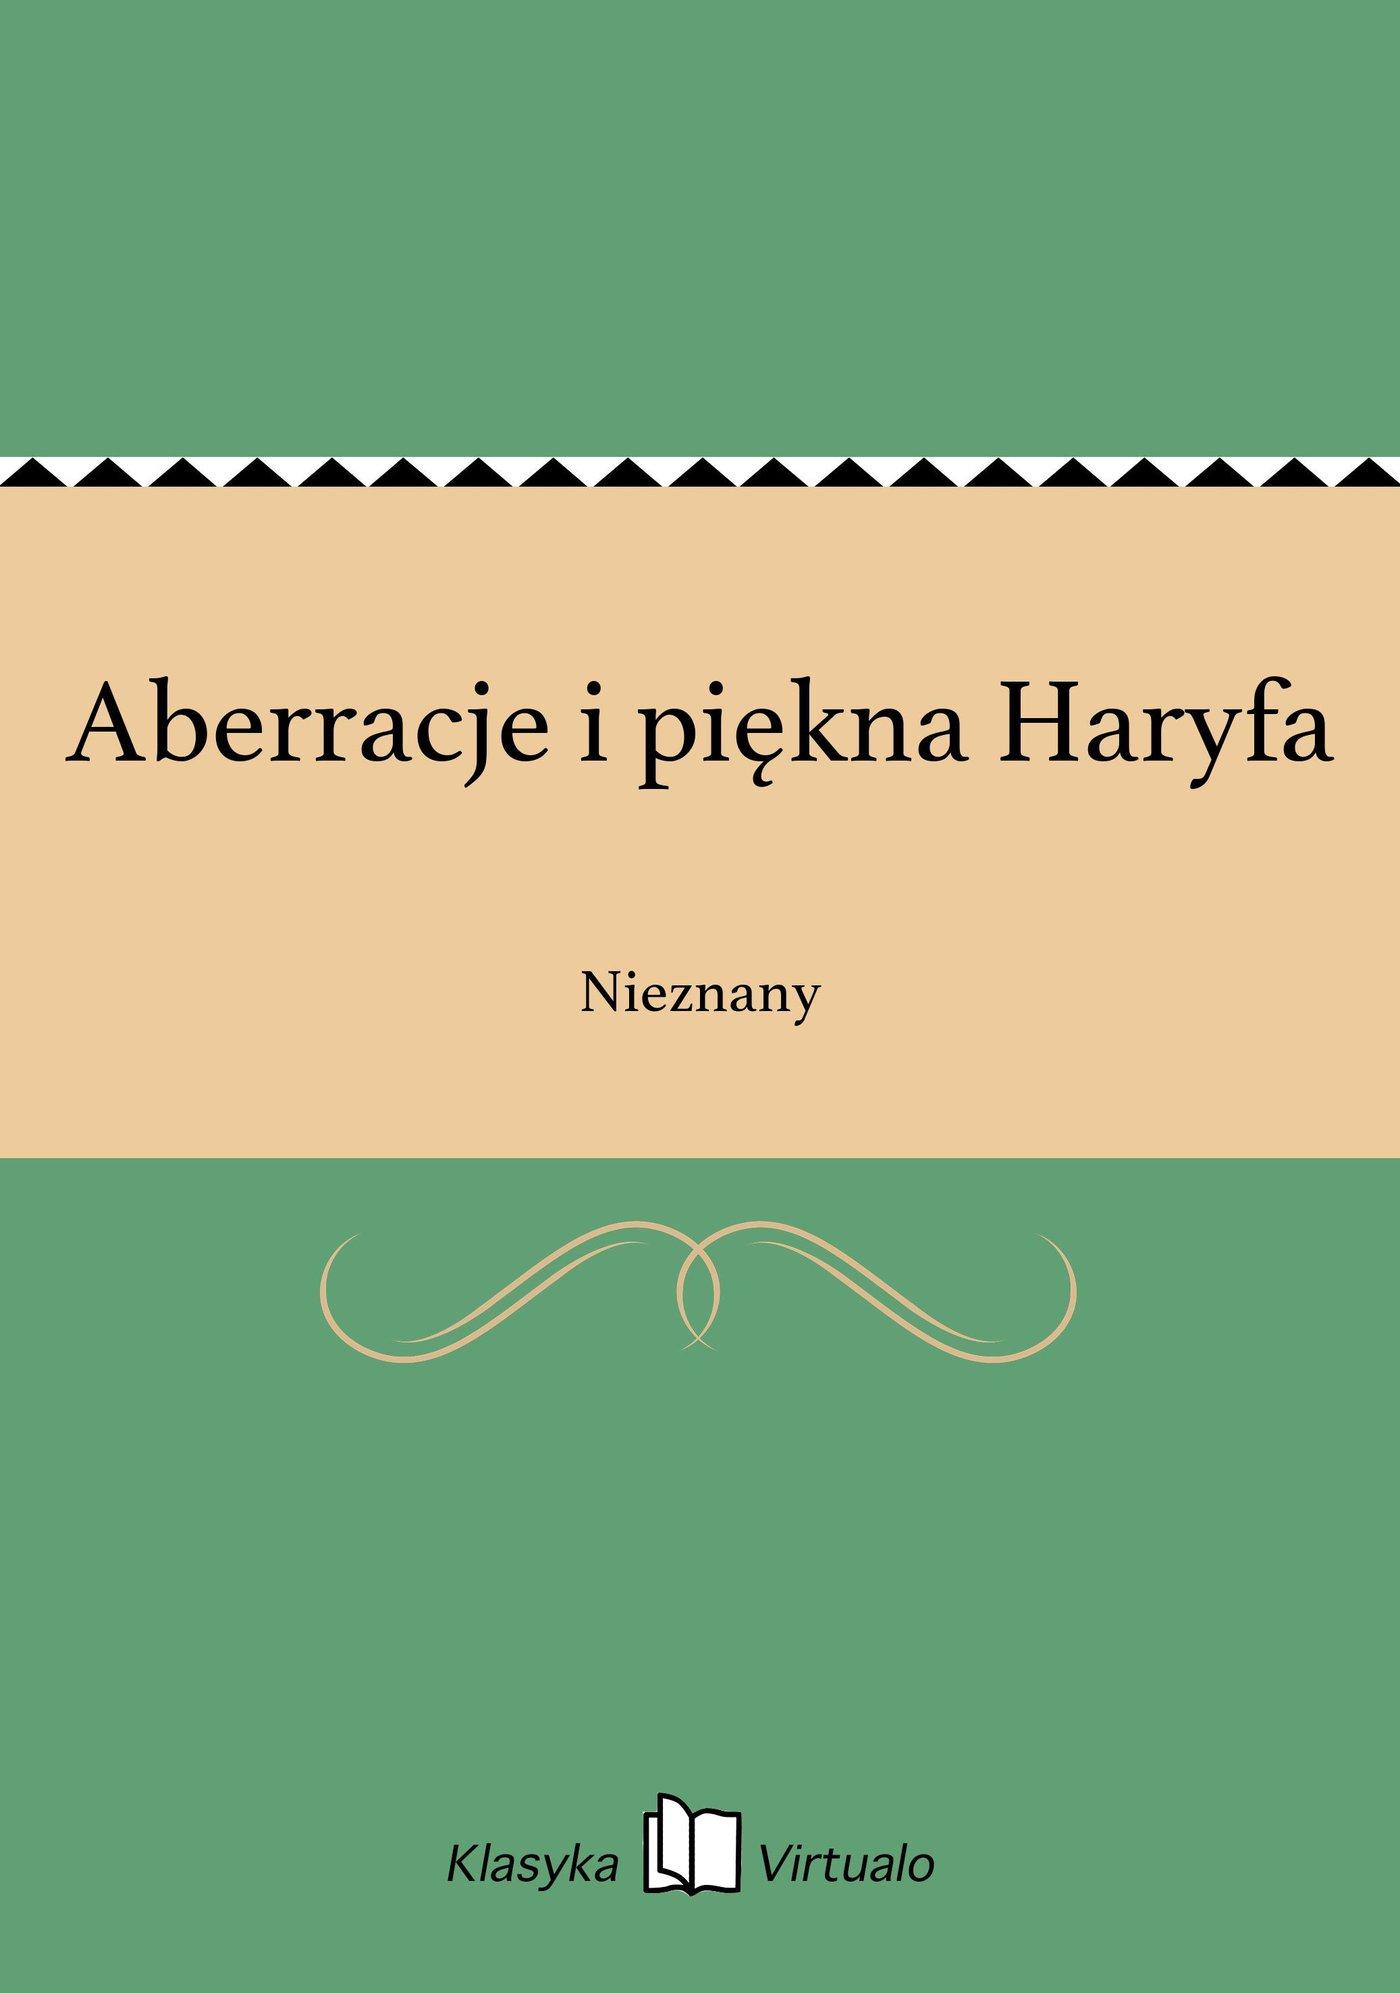 Aberracje i piękna Haryfa - Ebook (Książka na Kindle) do pobrania w formacie MOBI